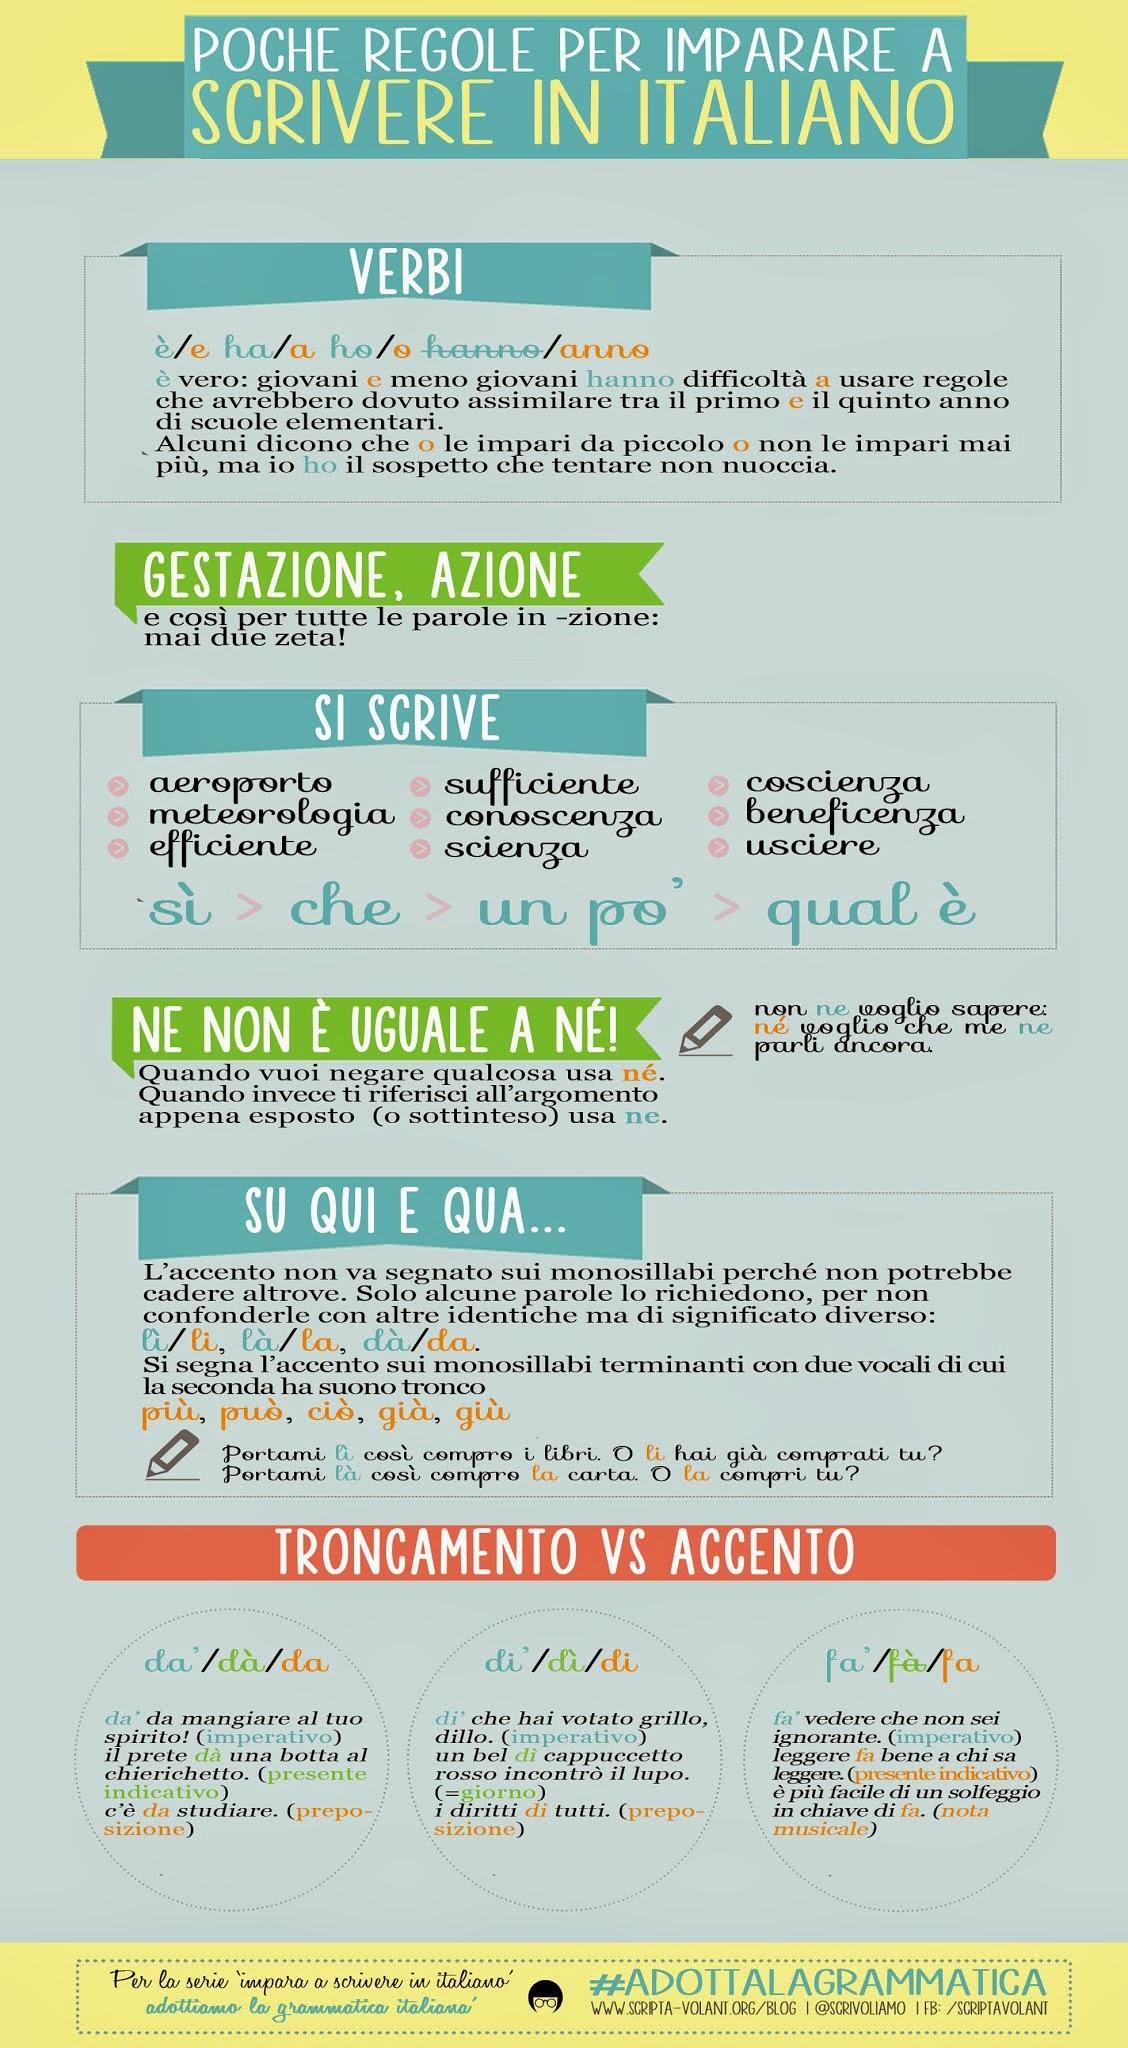 poche-regole-per-imparare-a-scrivere-in-italiano